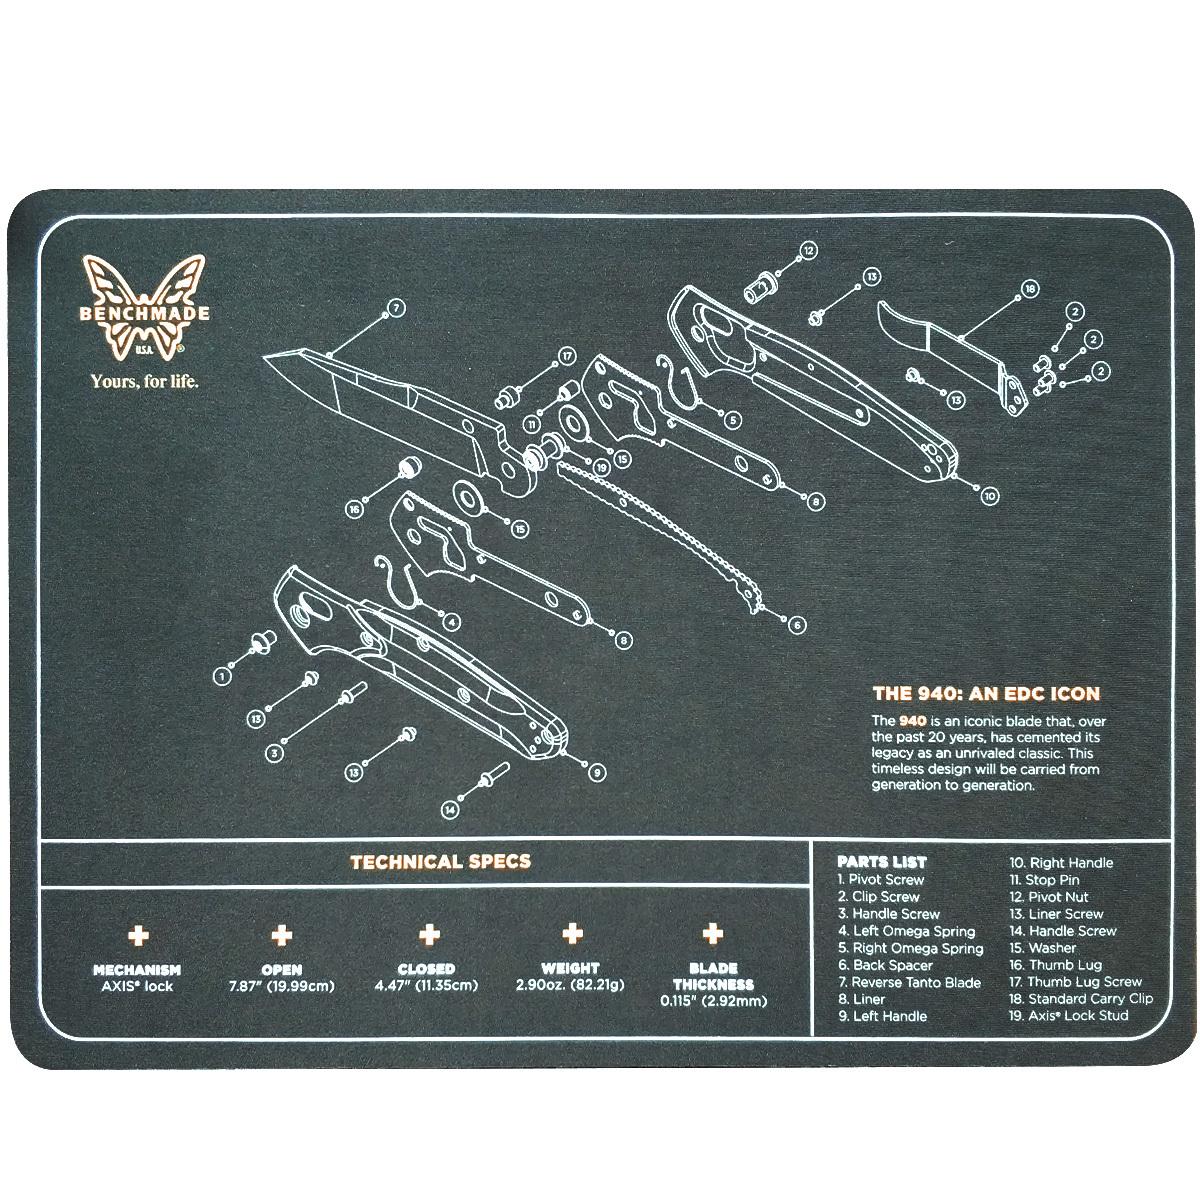 Коврик настольный Benchmade Maintenance mat